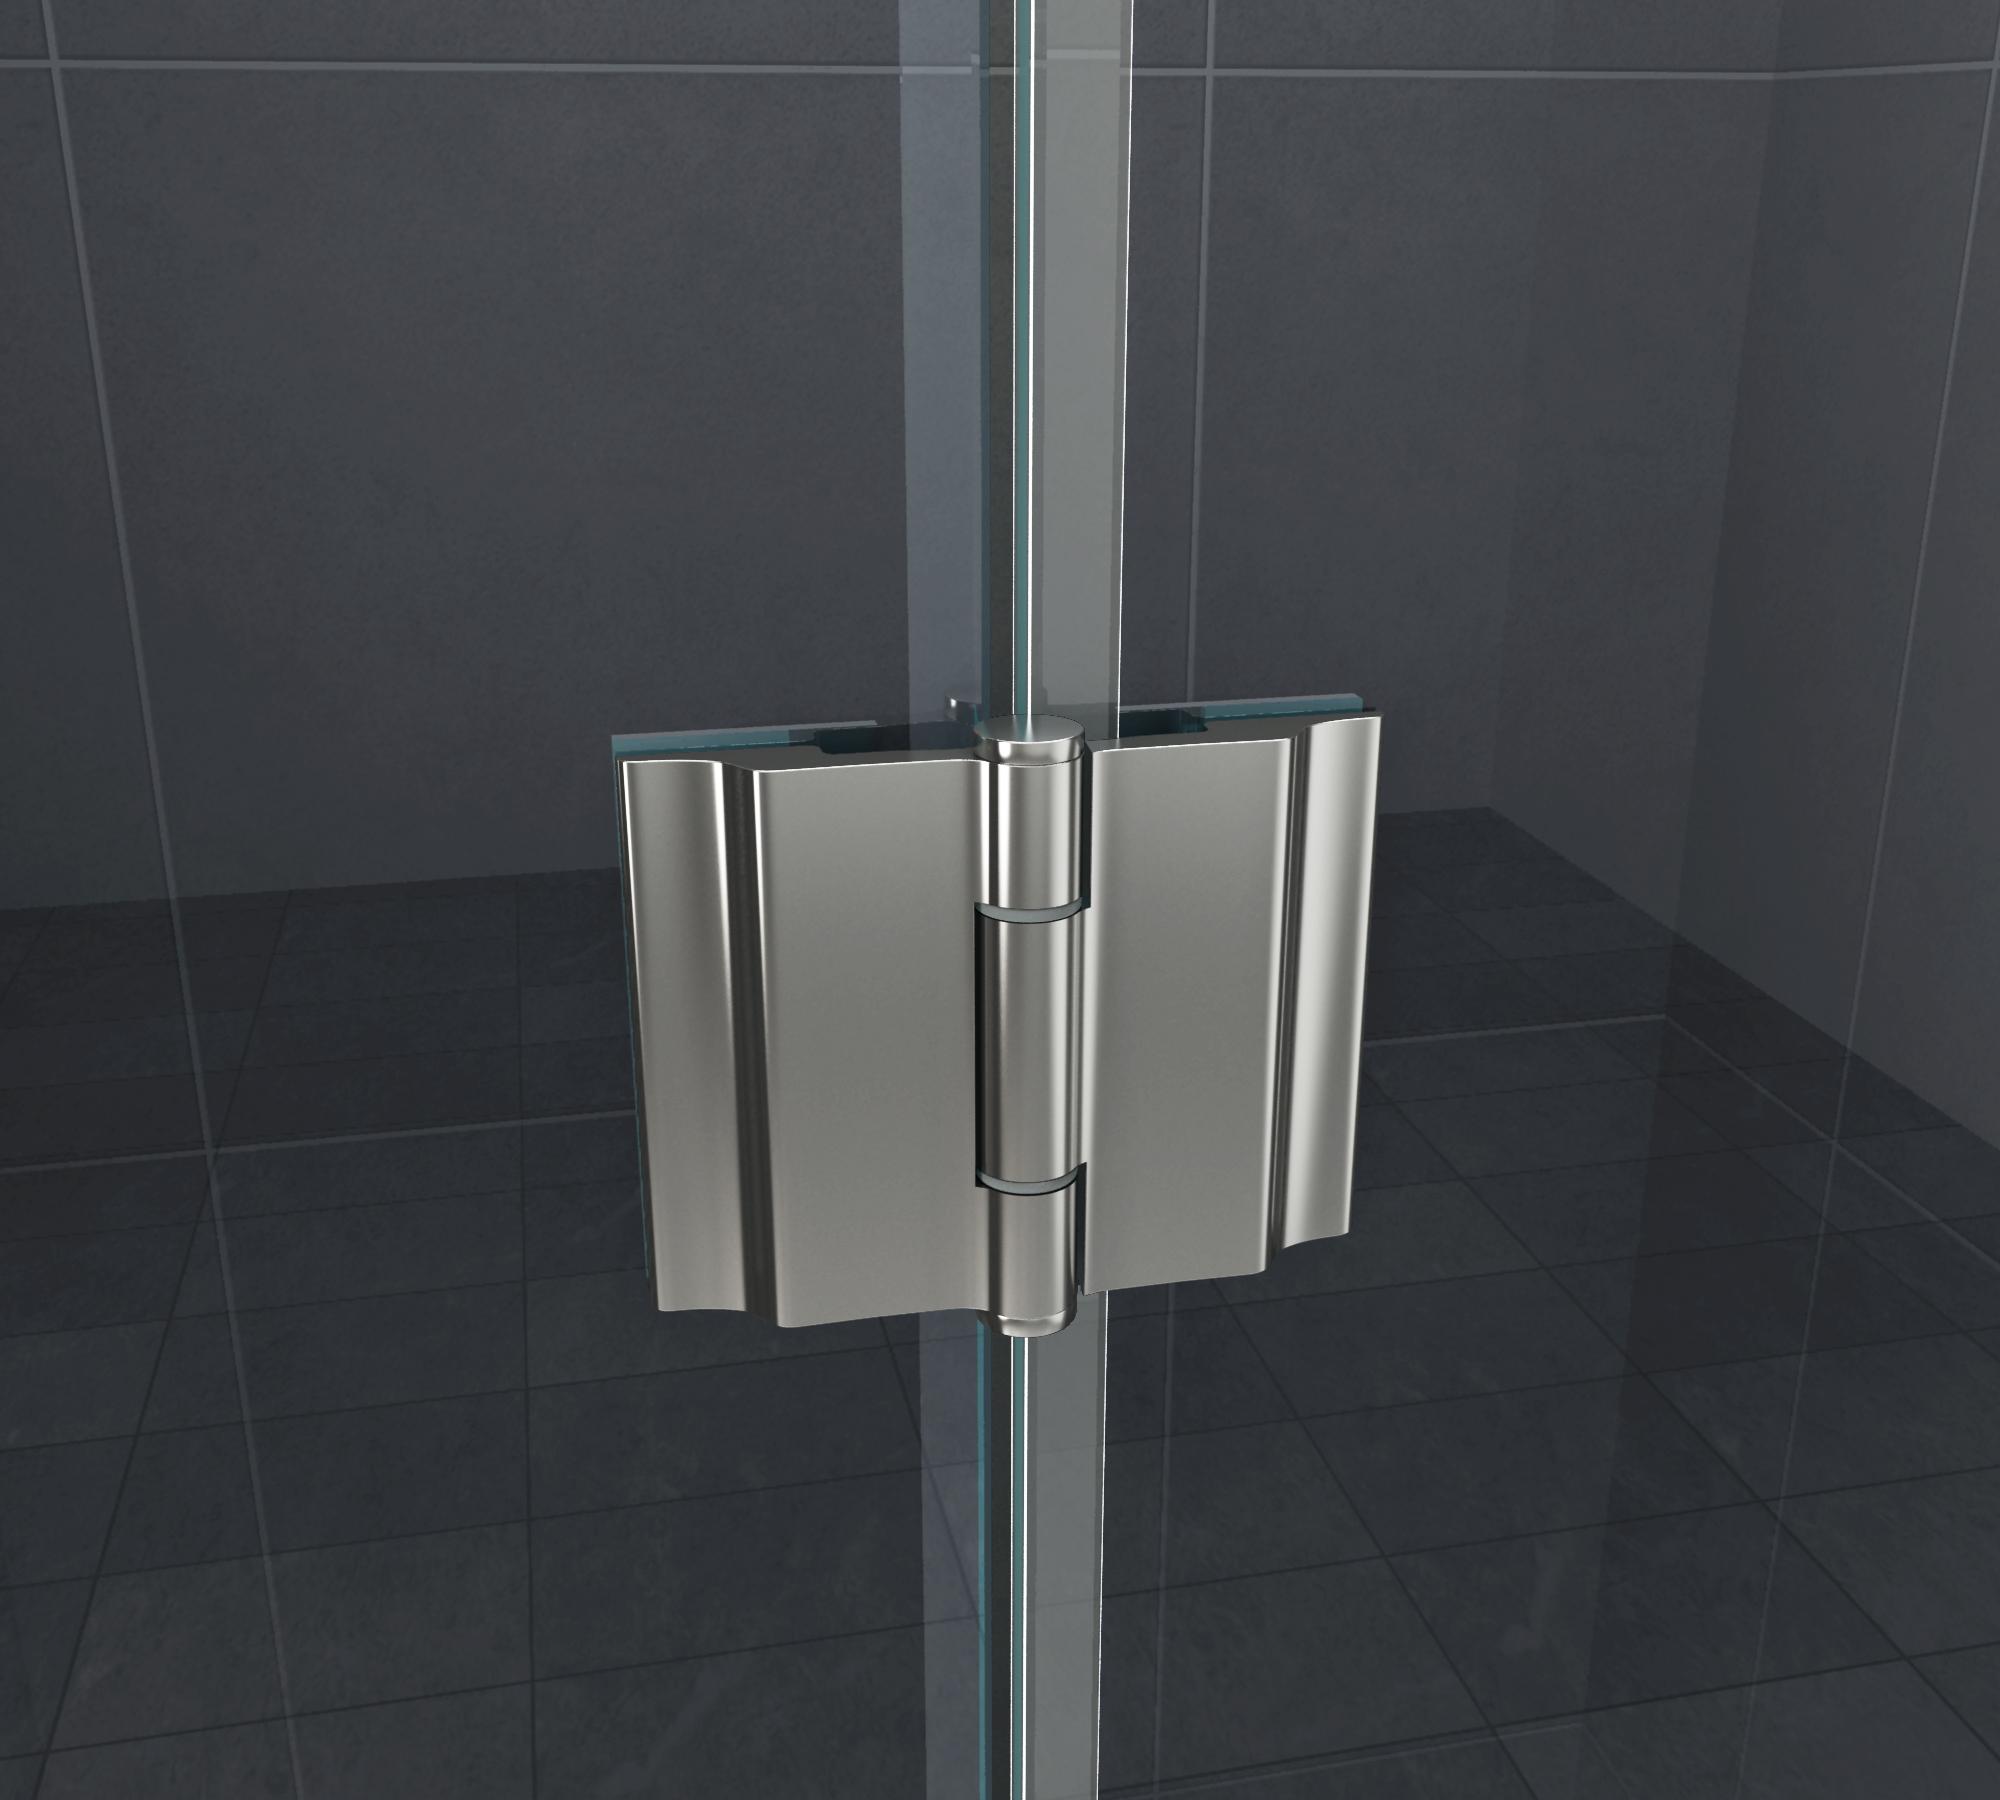 Duschkabine ANGOLO 80 x 80 x 180 cm (Viertelkreis) ohne ...